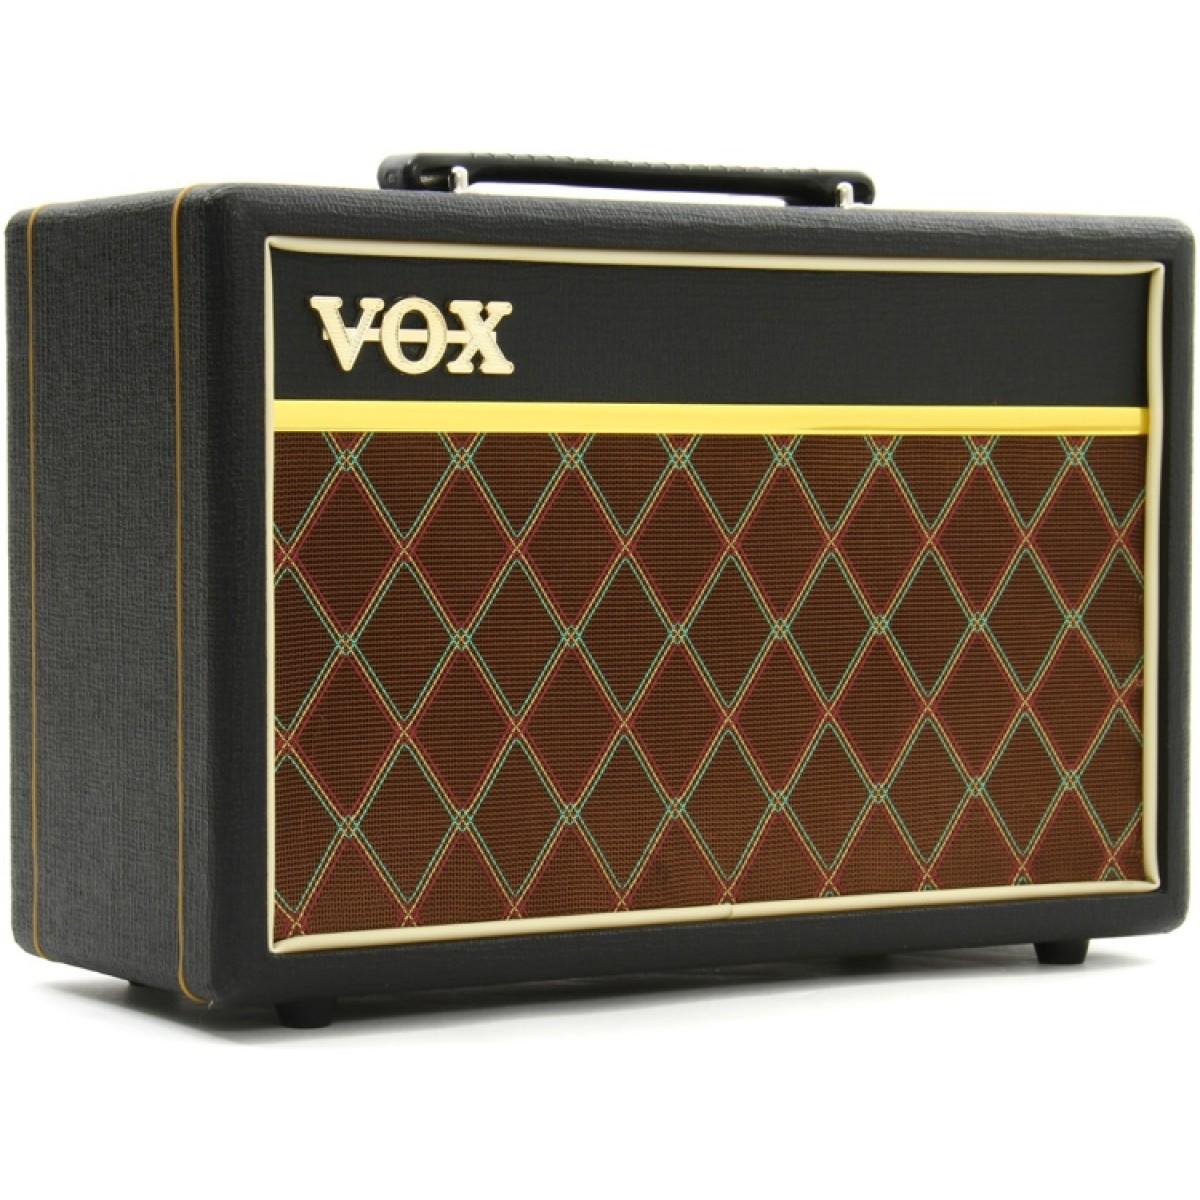 vox pathfinder 10 buy guitar amp combo best price. Black Bedroom Furniture Sets. Home Design Ideas